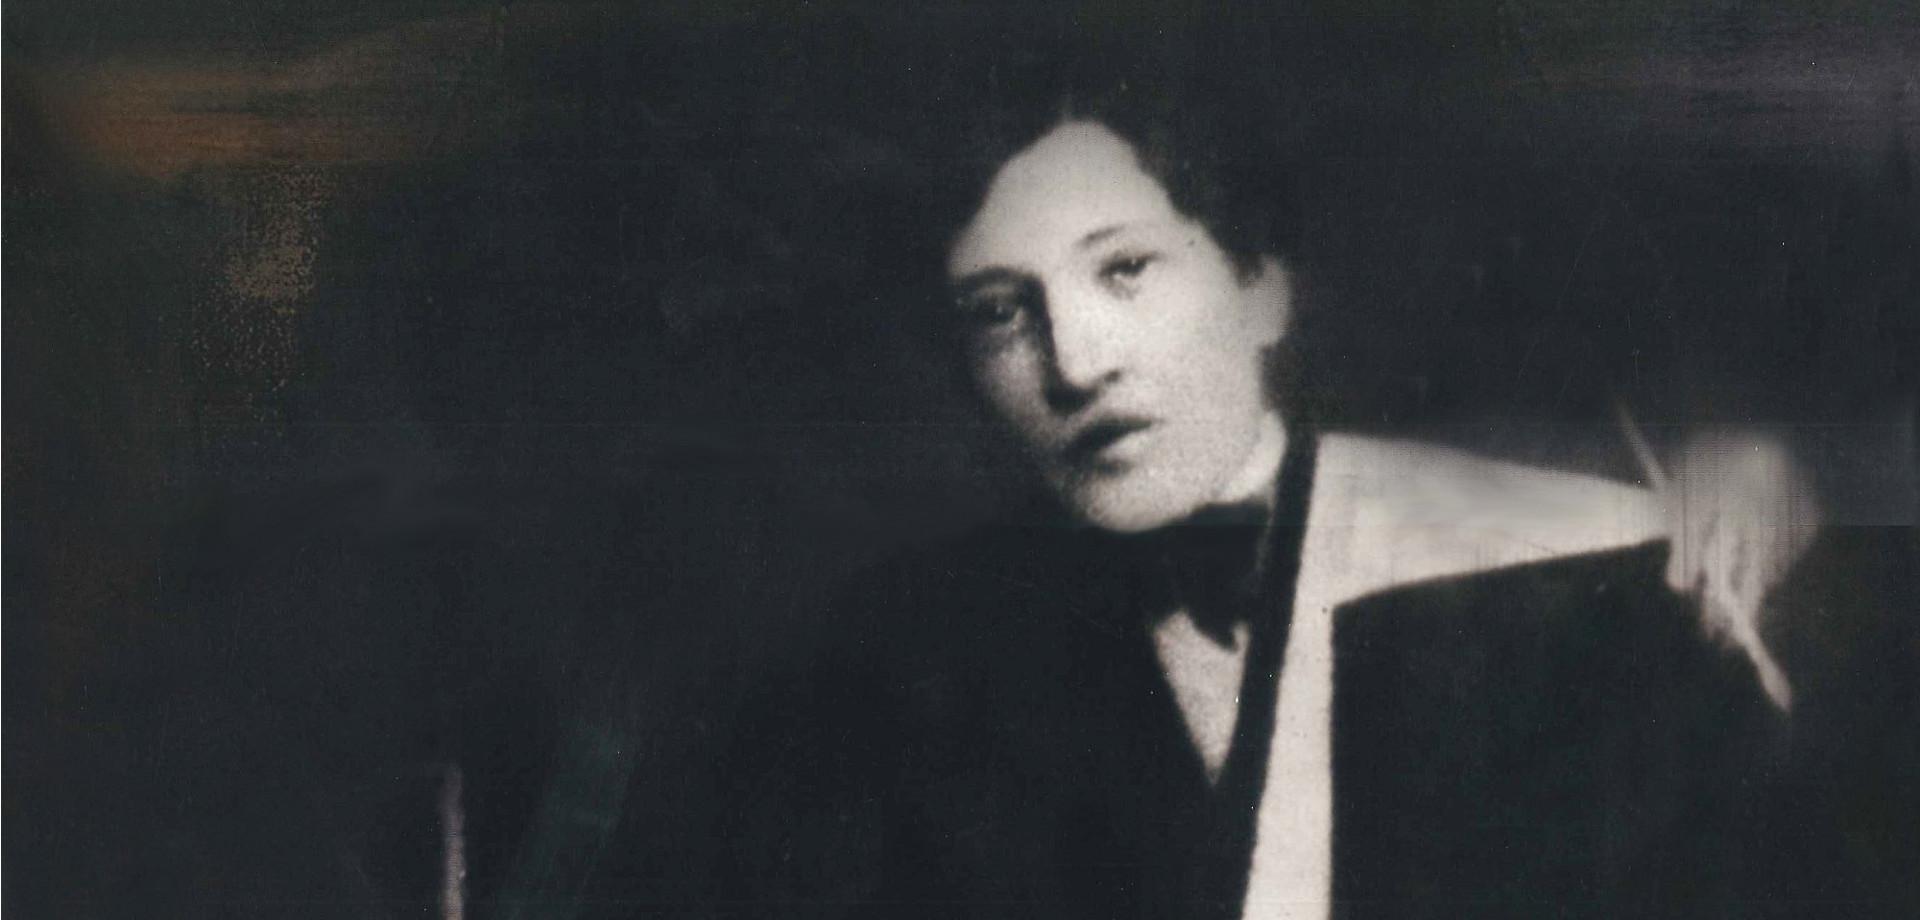 Ελένη Μπούκουρη Αλταμούρα- Η πρώτη Ελληνίδα ζωγράφος»